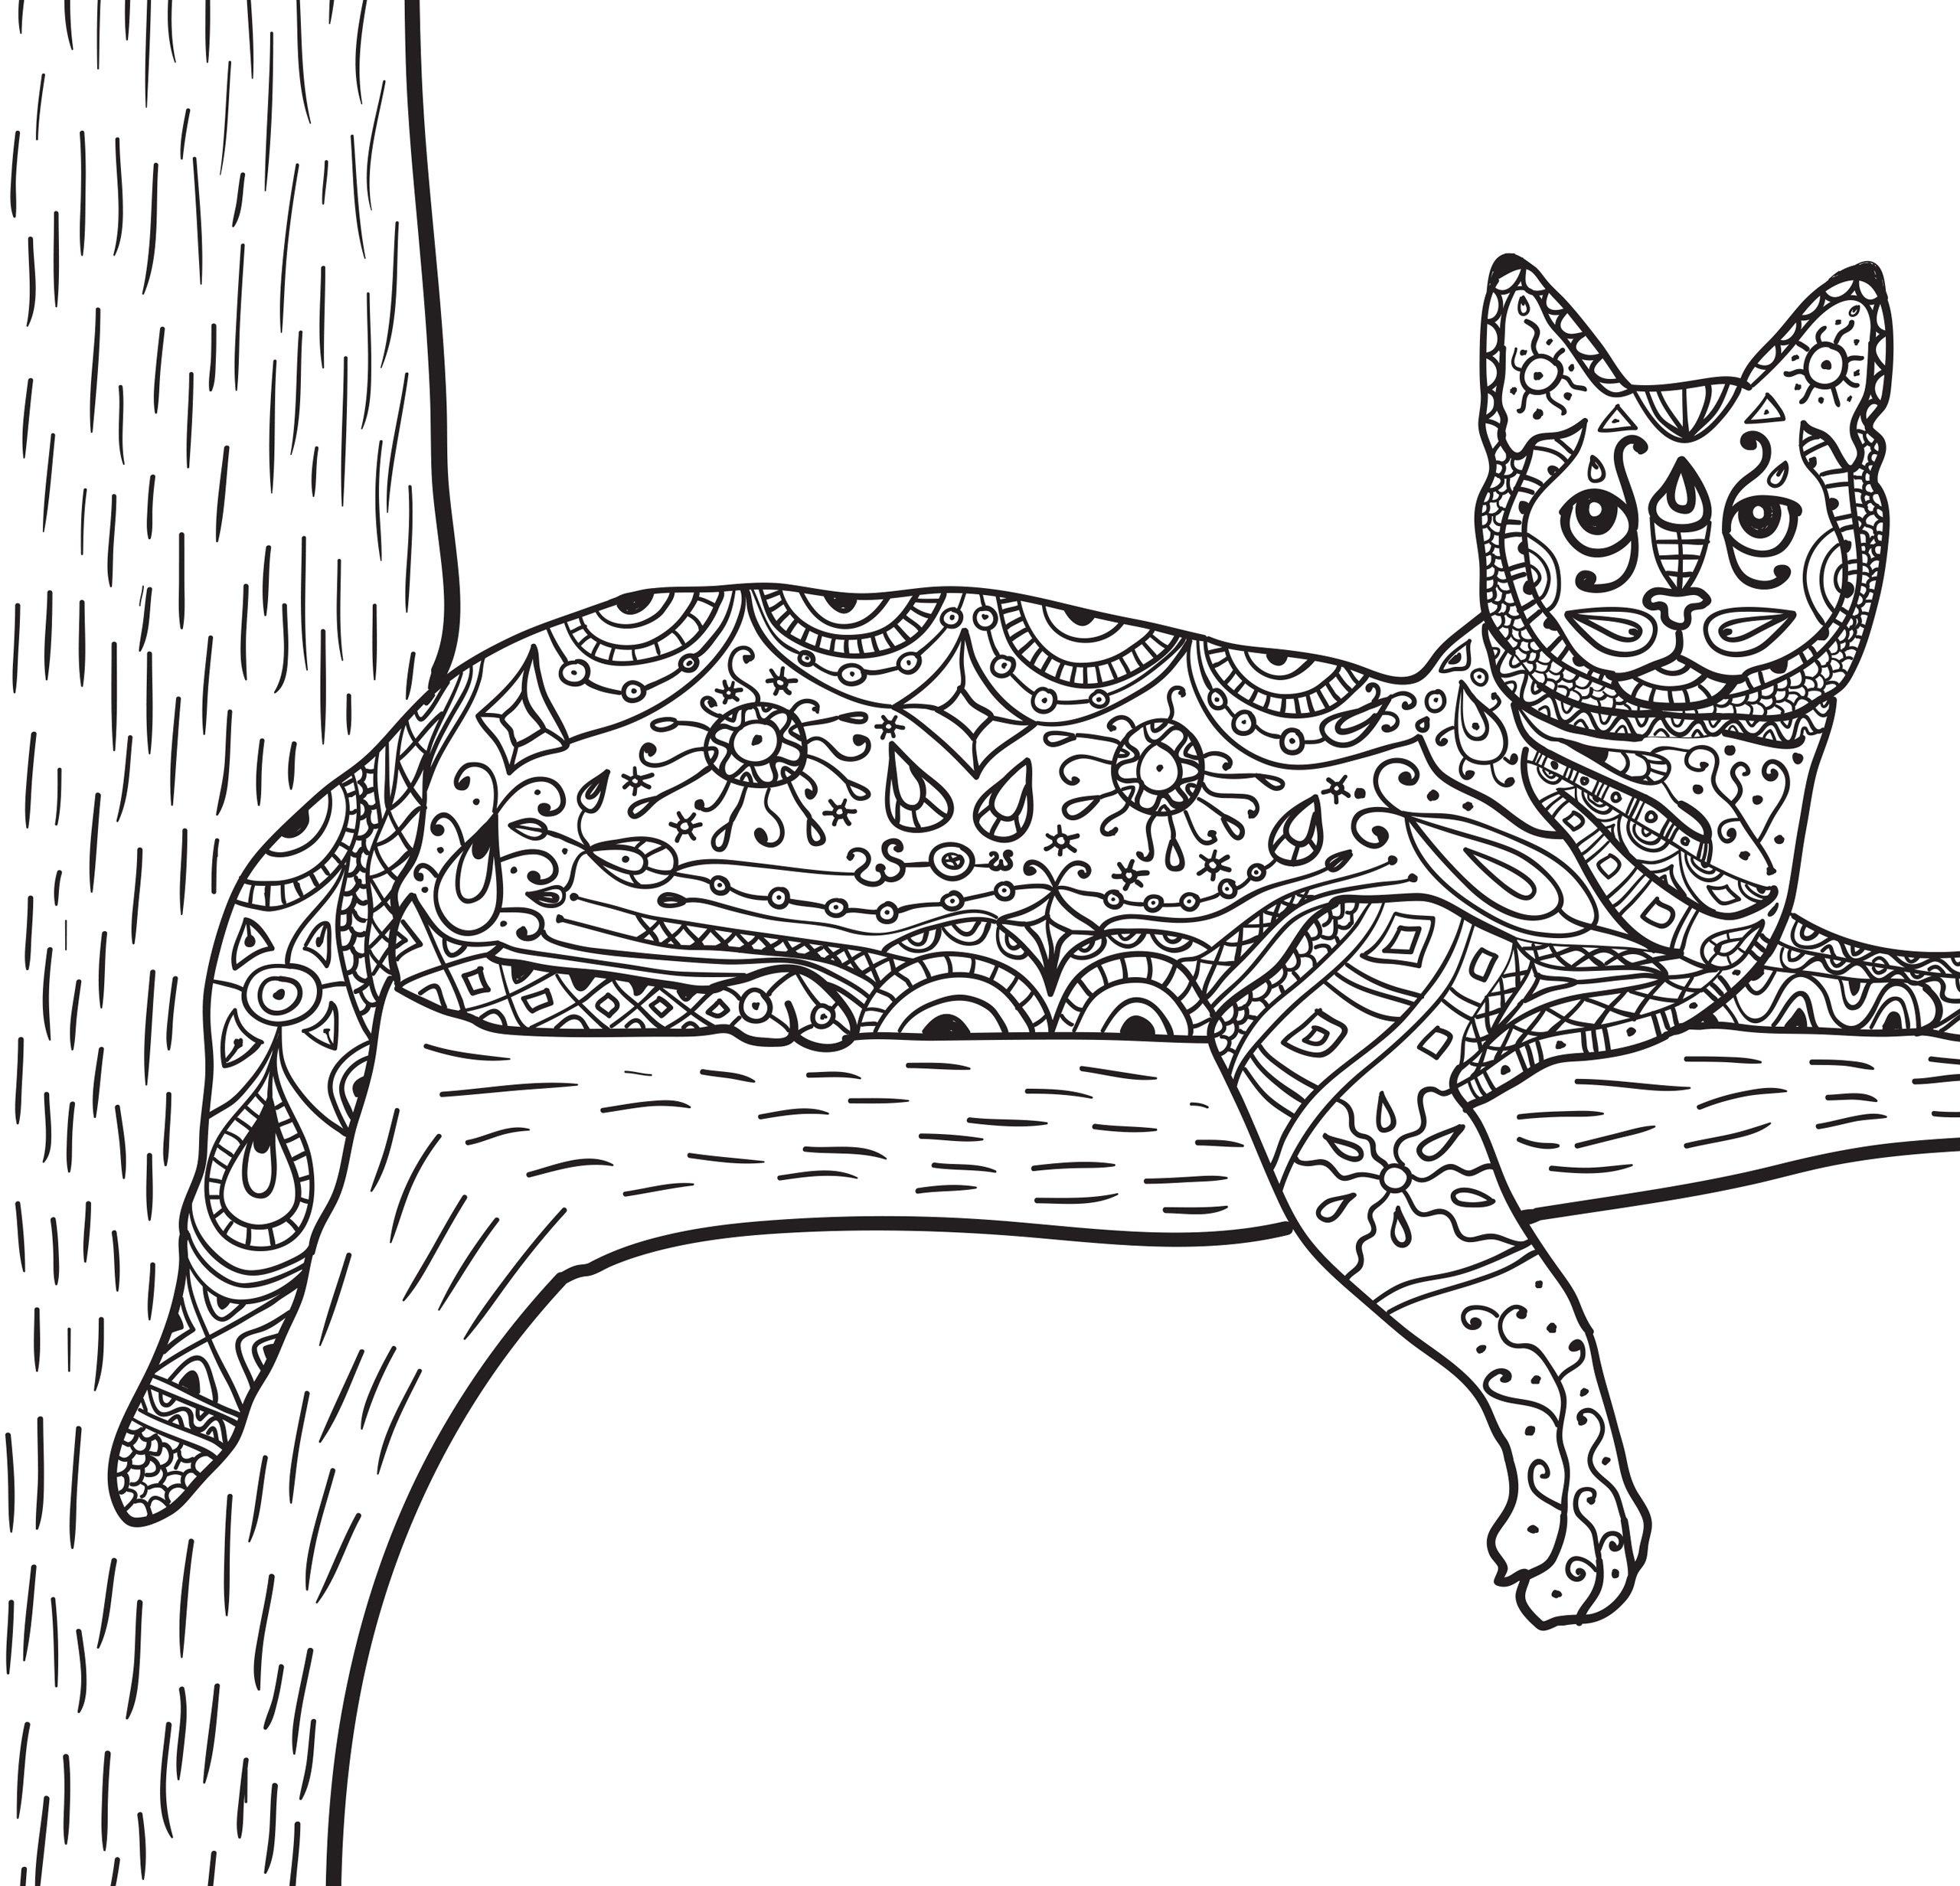 Раскраски антистресс «Кошка на дереве», чтобы распечатать